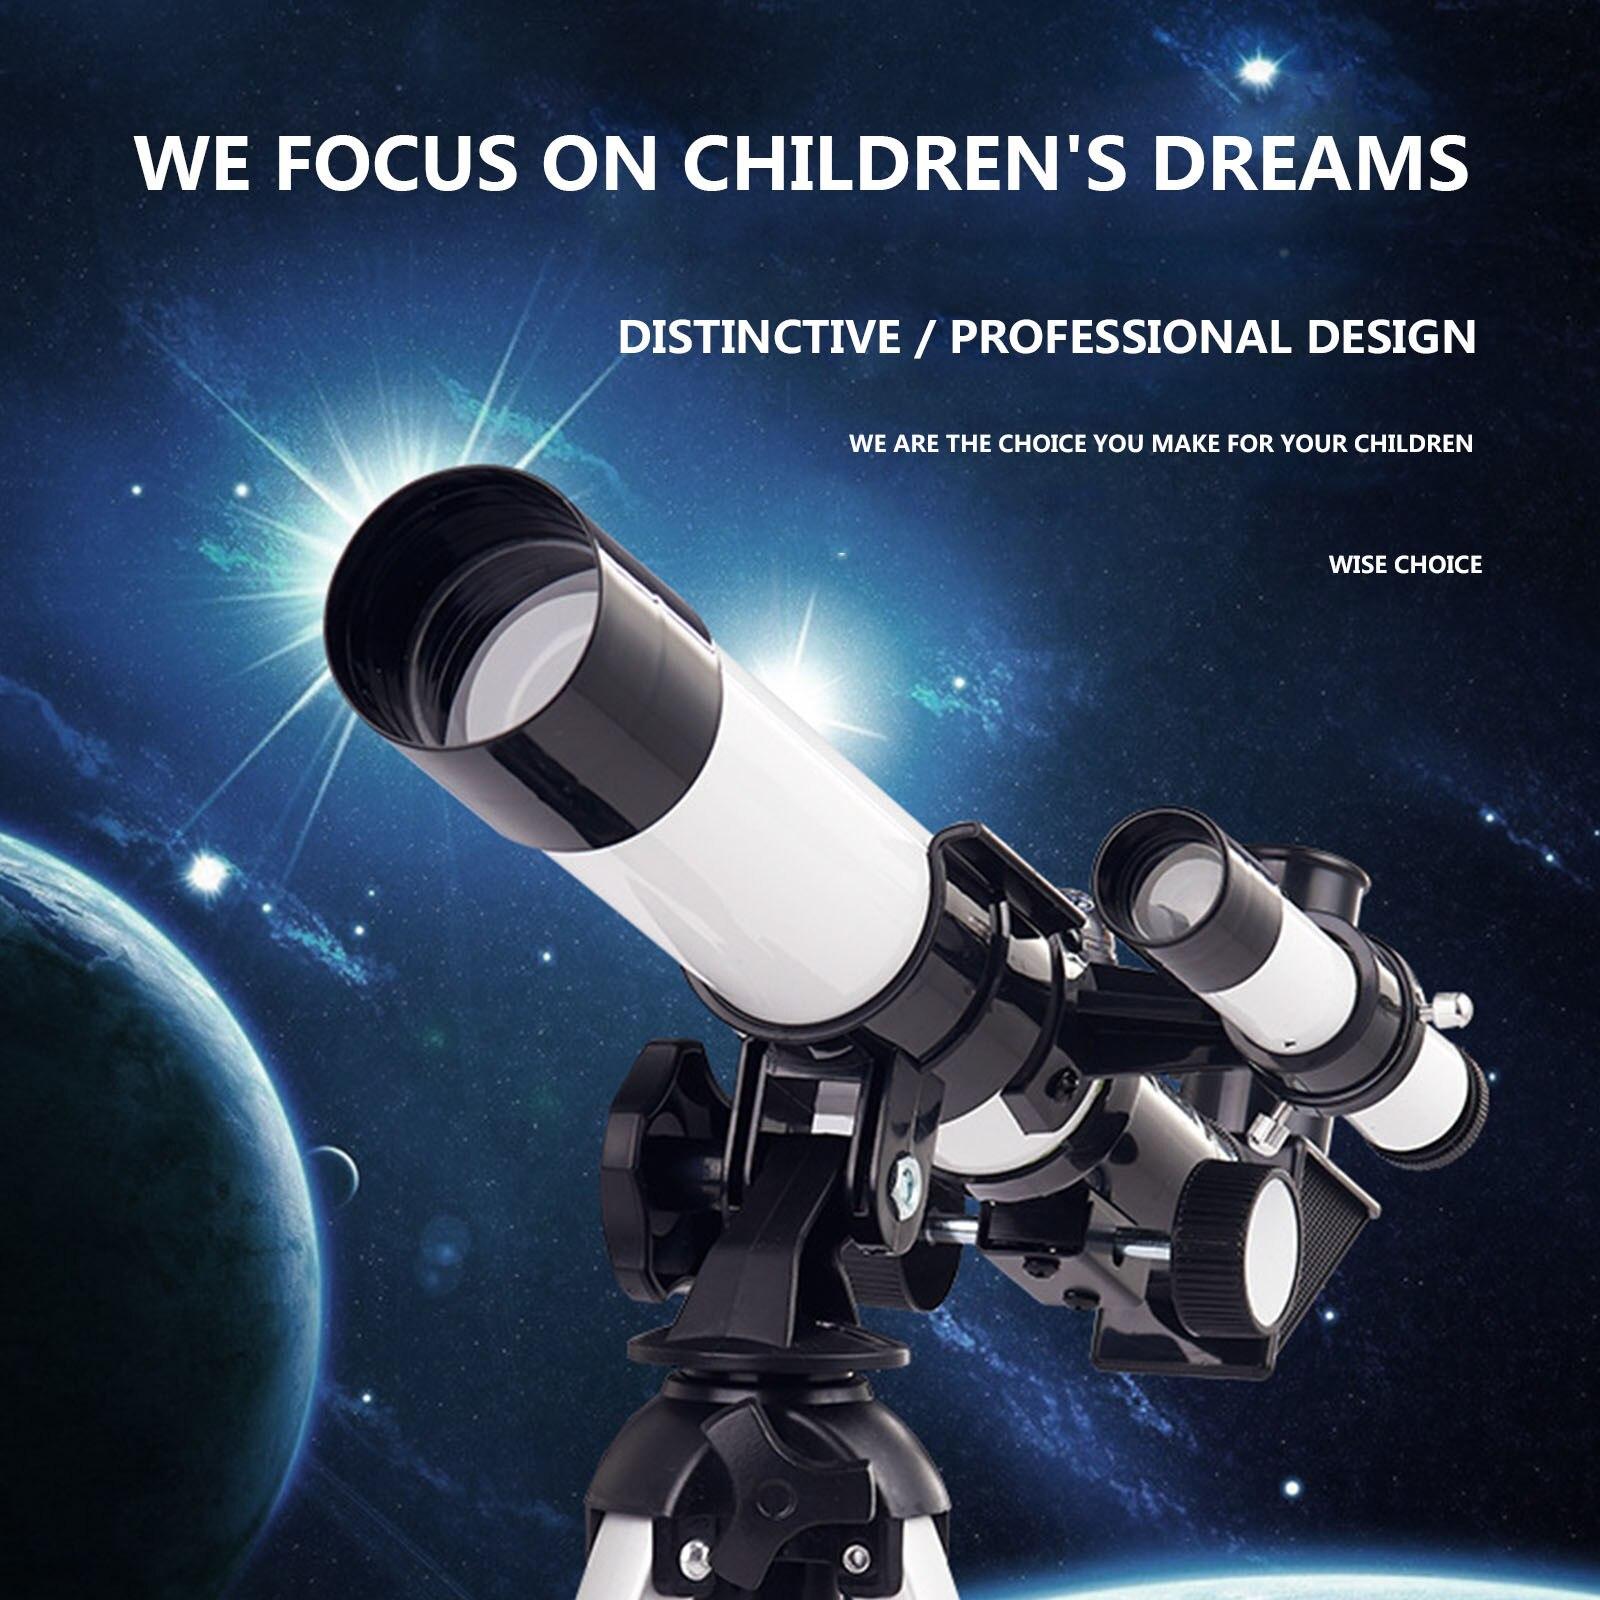 Empezar con Gran Aumento usar el telescopio astronómico para observar juguetes tecnológicos profesional las estrellas de alta potencia